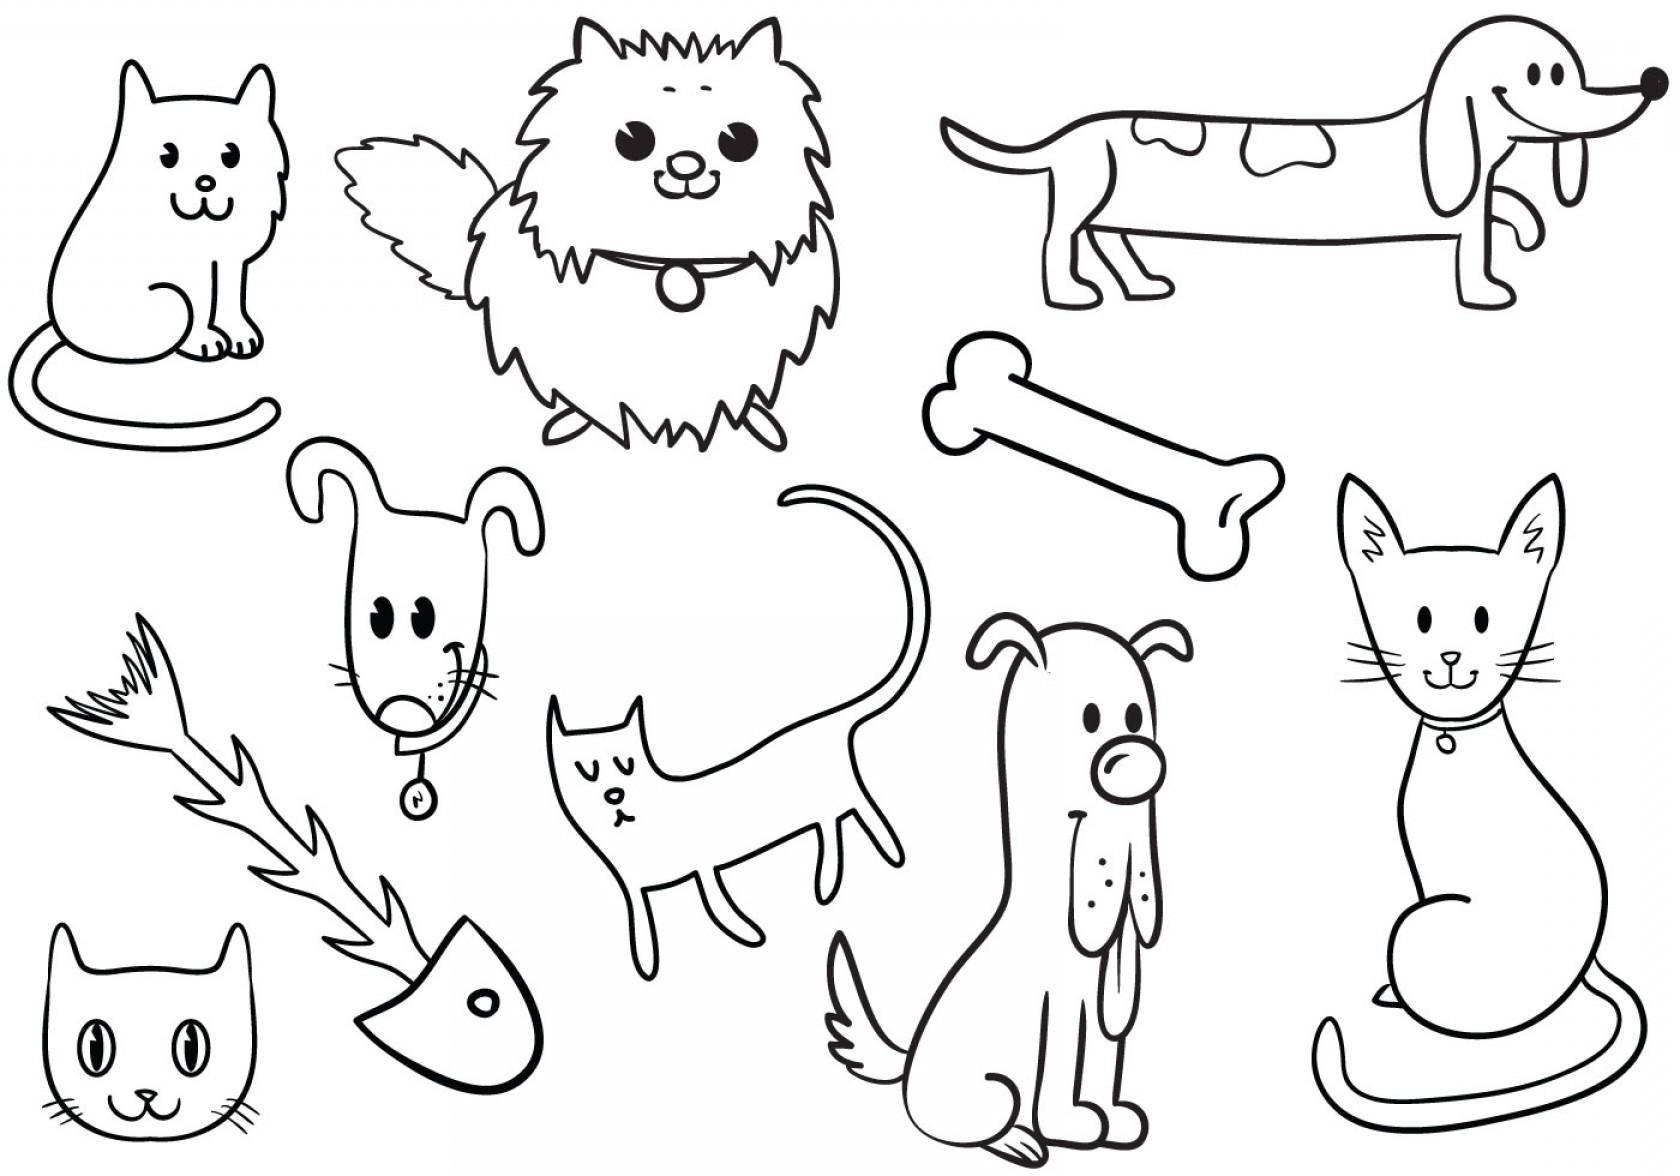 1680x1176 Cute Cat And Dog Vectors Shopatcloth